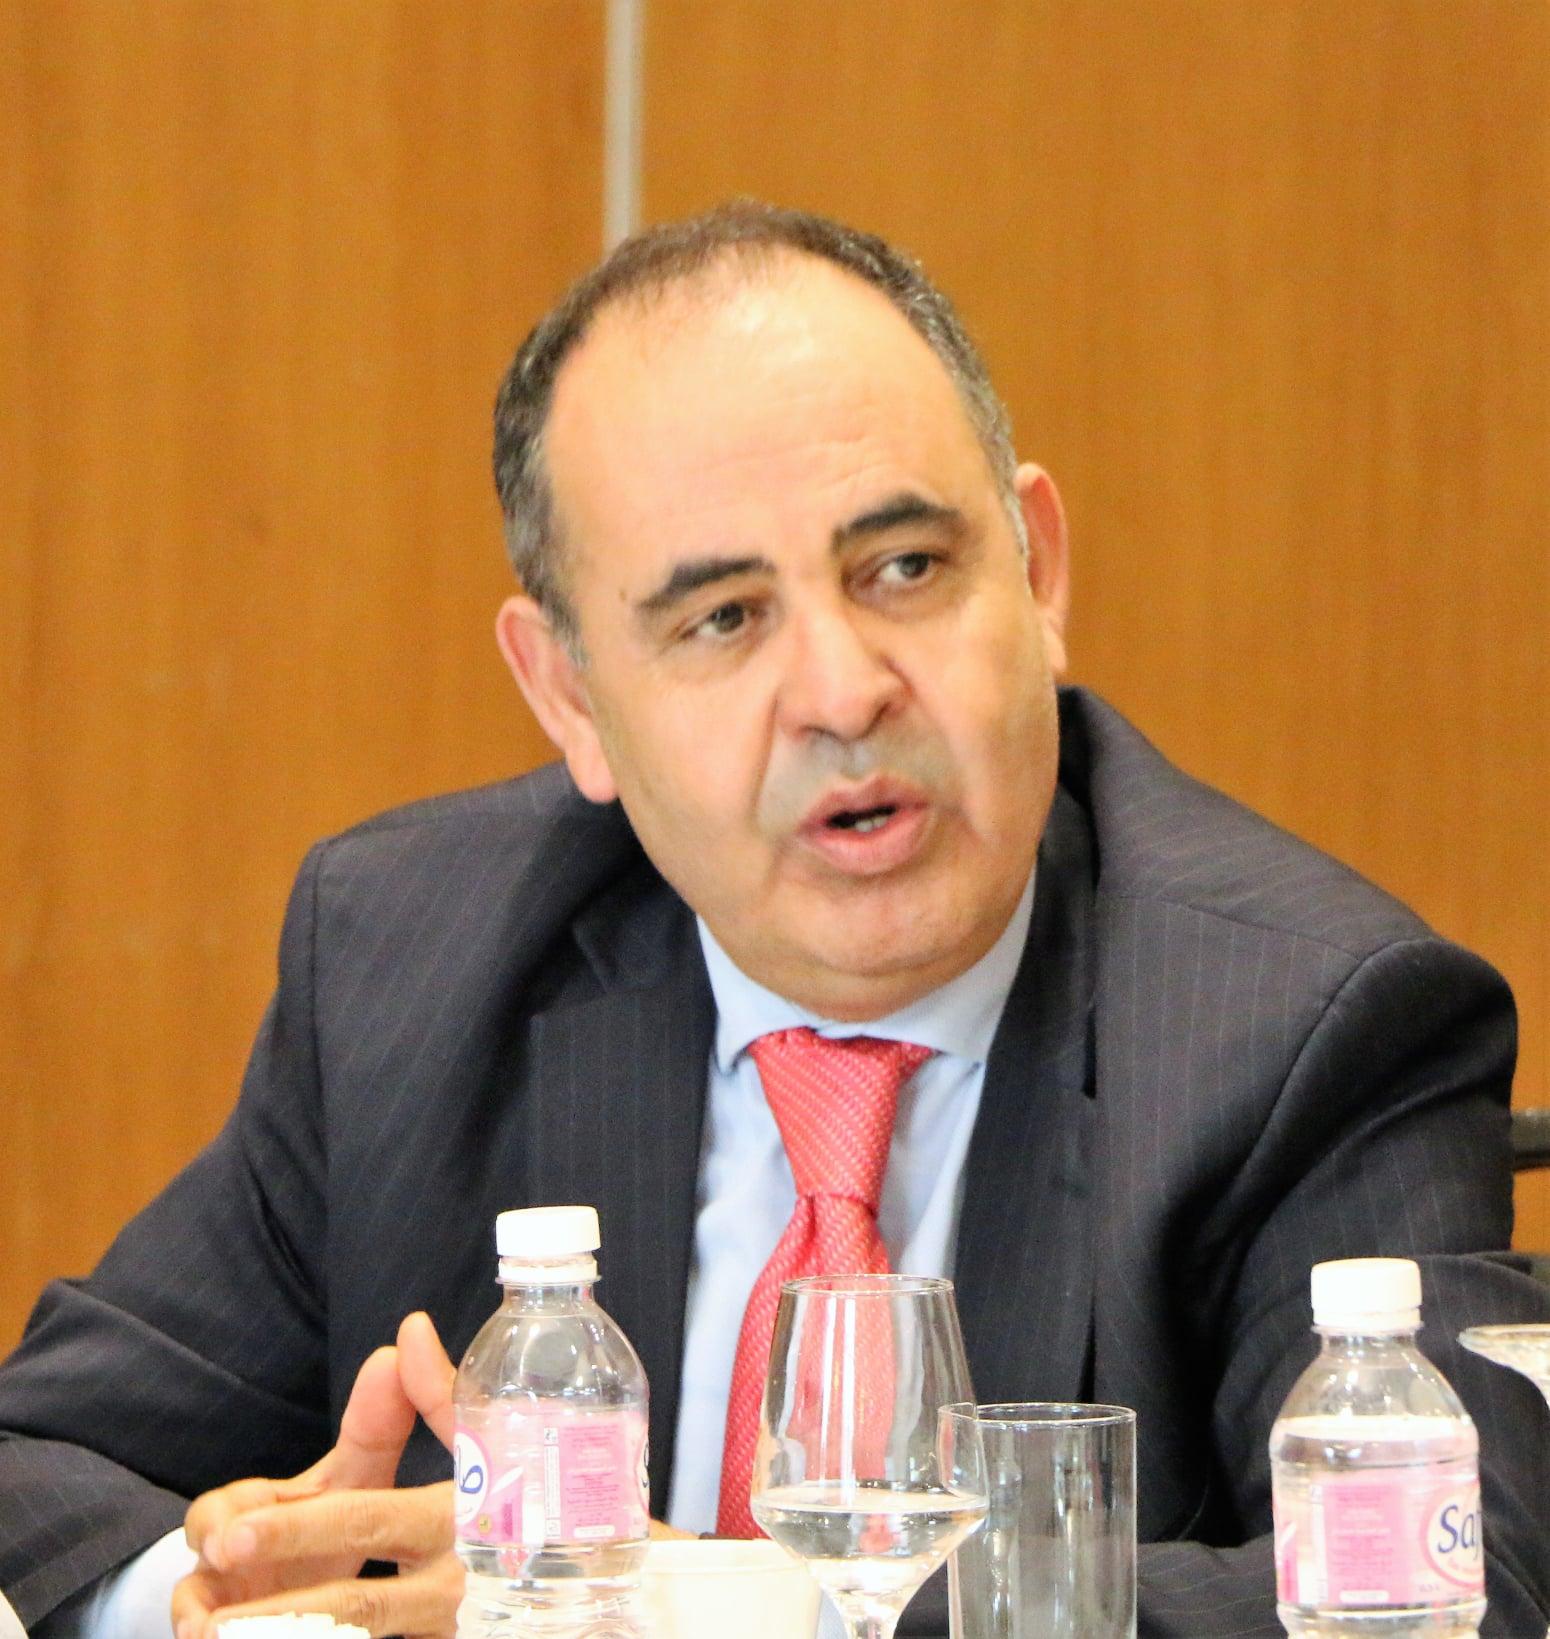 Coronavirus-Mabrouk Korchid : « La Turquie classée quatrième mondiale en matière de la propagation épidémique après le Brésil et pourtant.. »